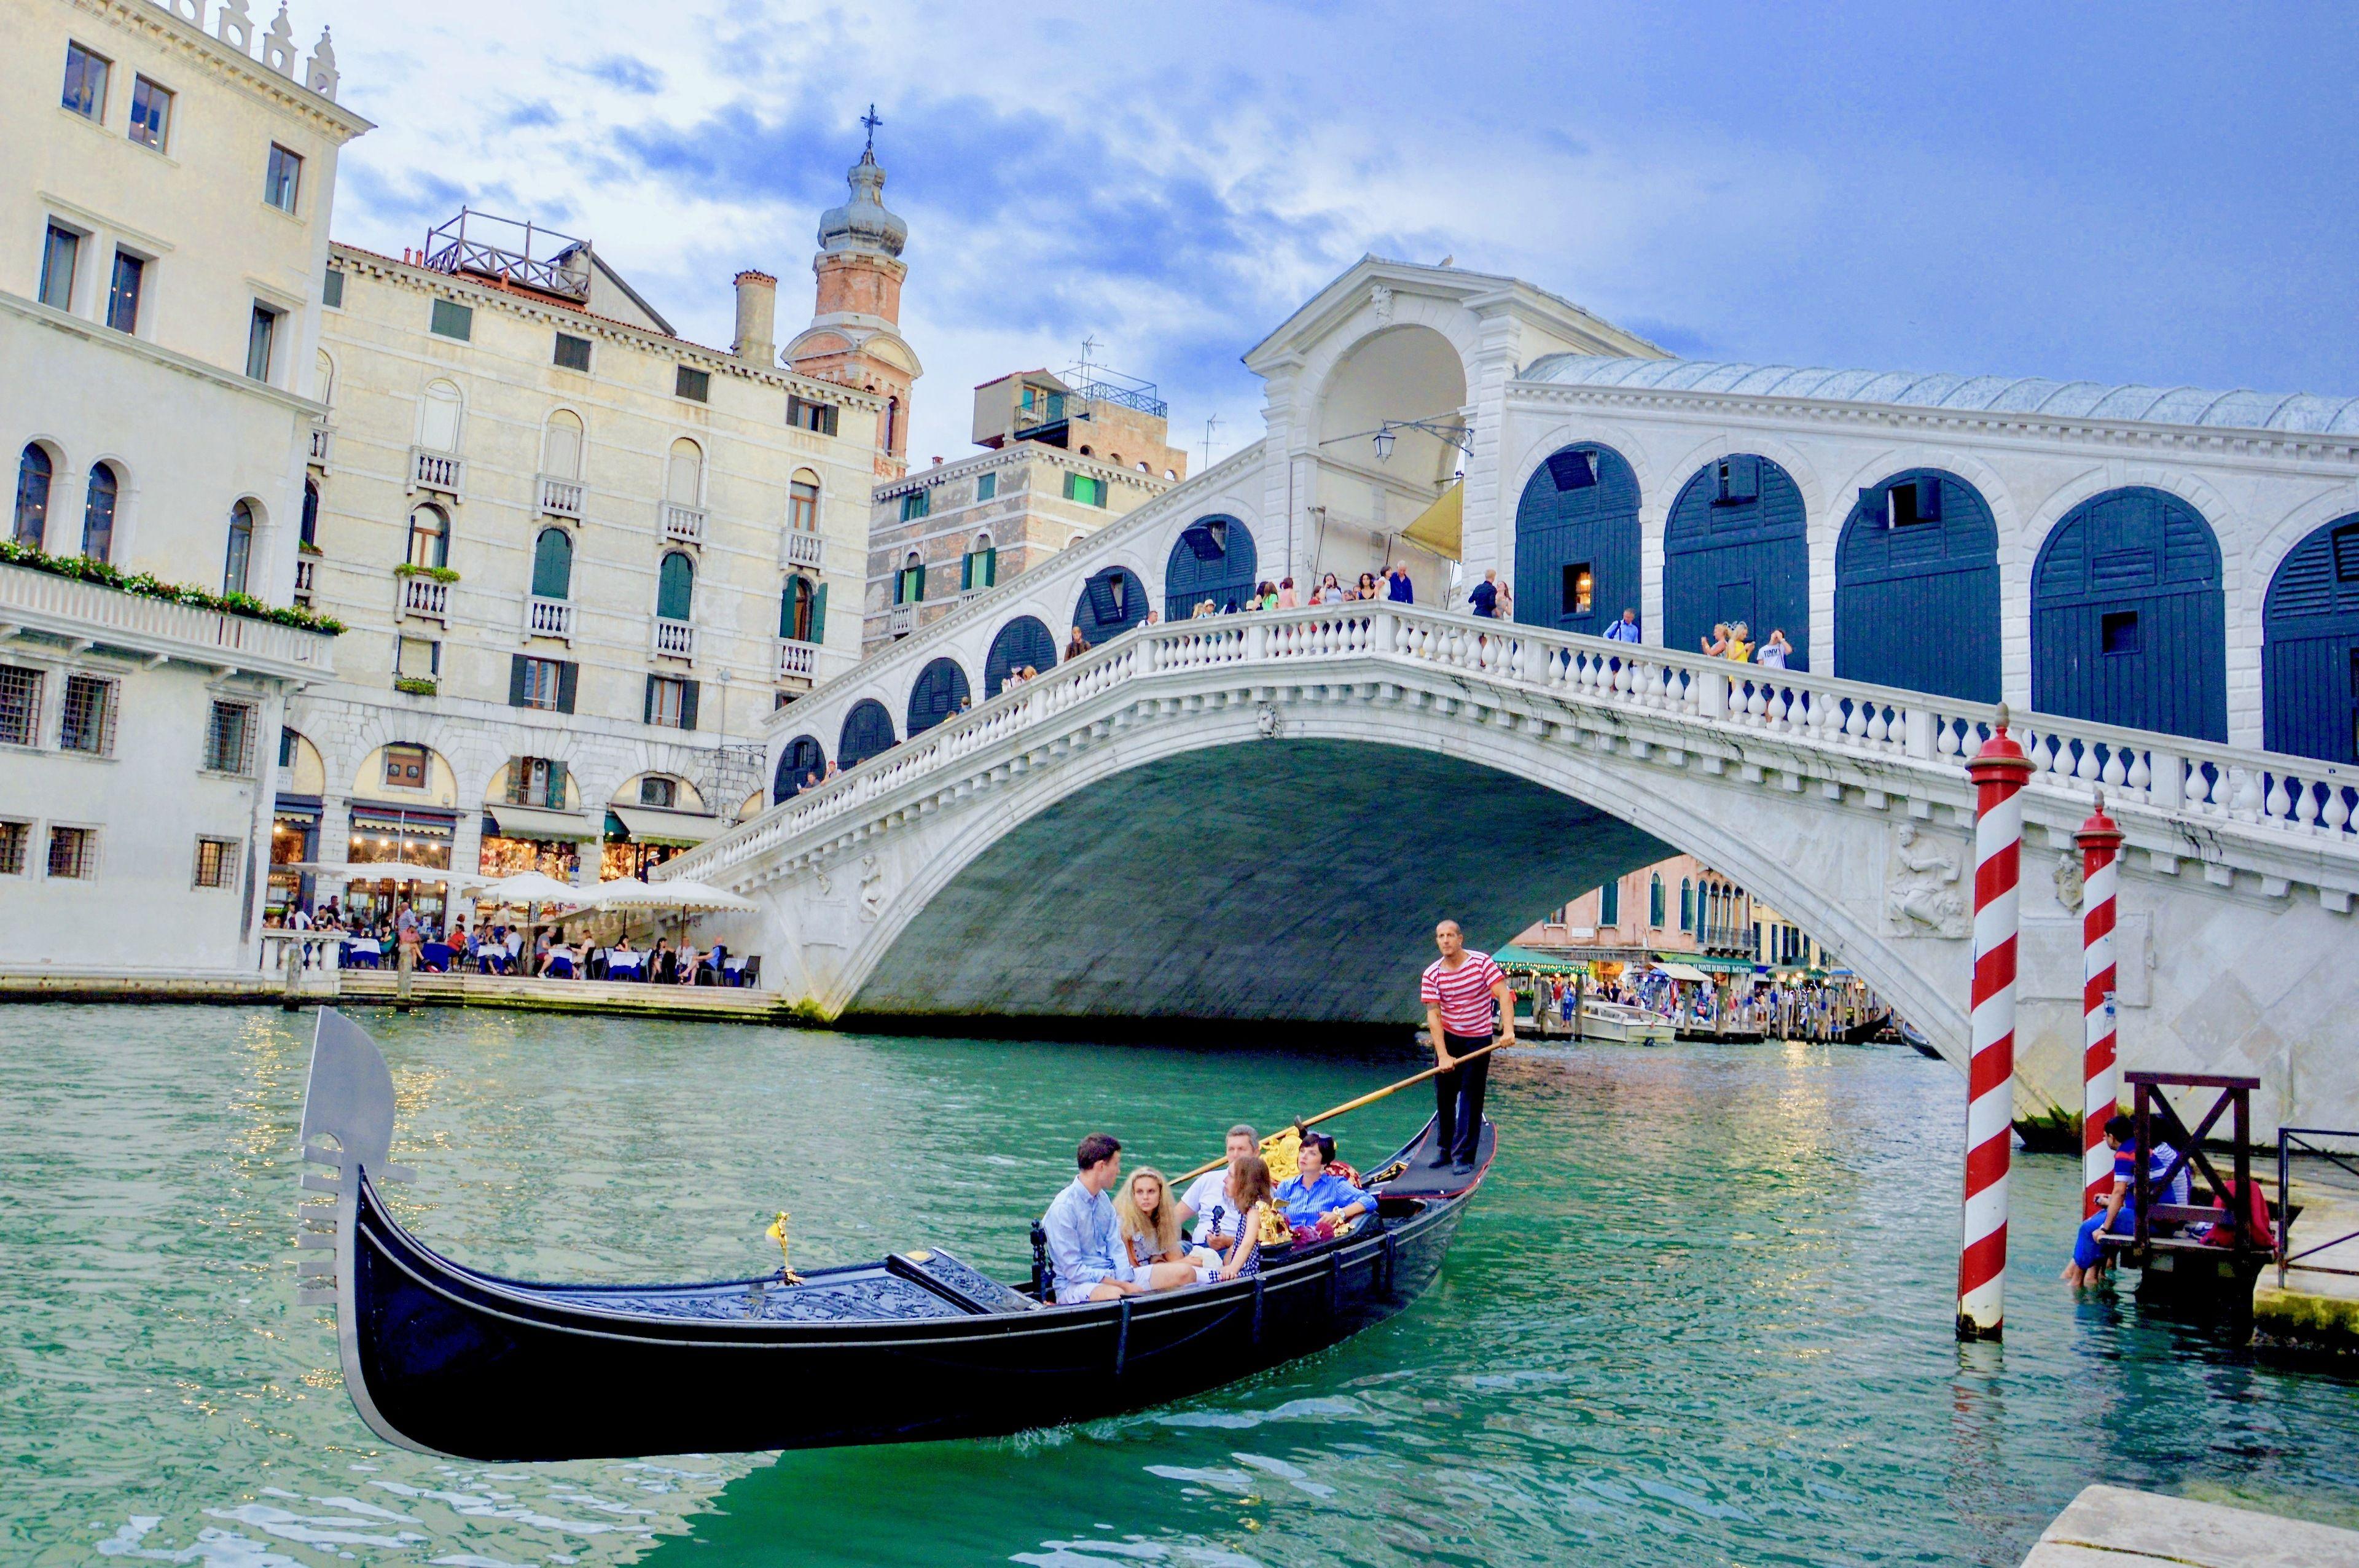 St. Mark's Basilica & Doge's Palace with Gondola Ride